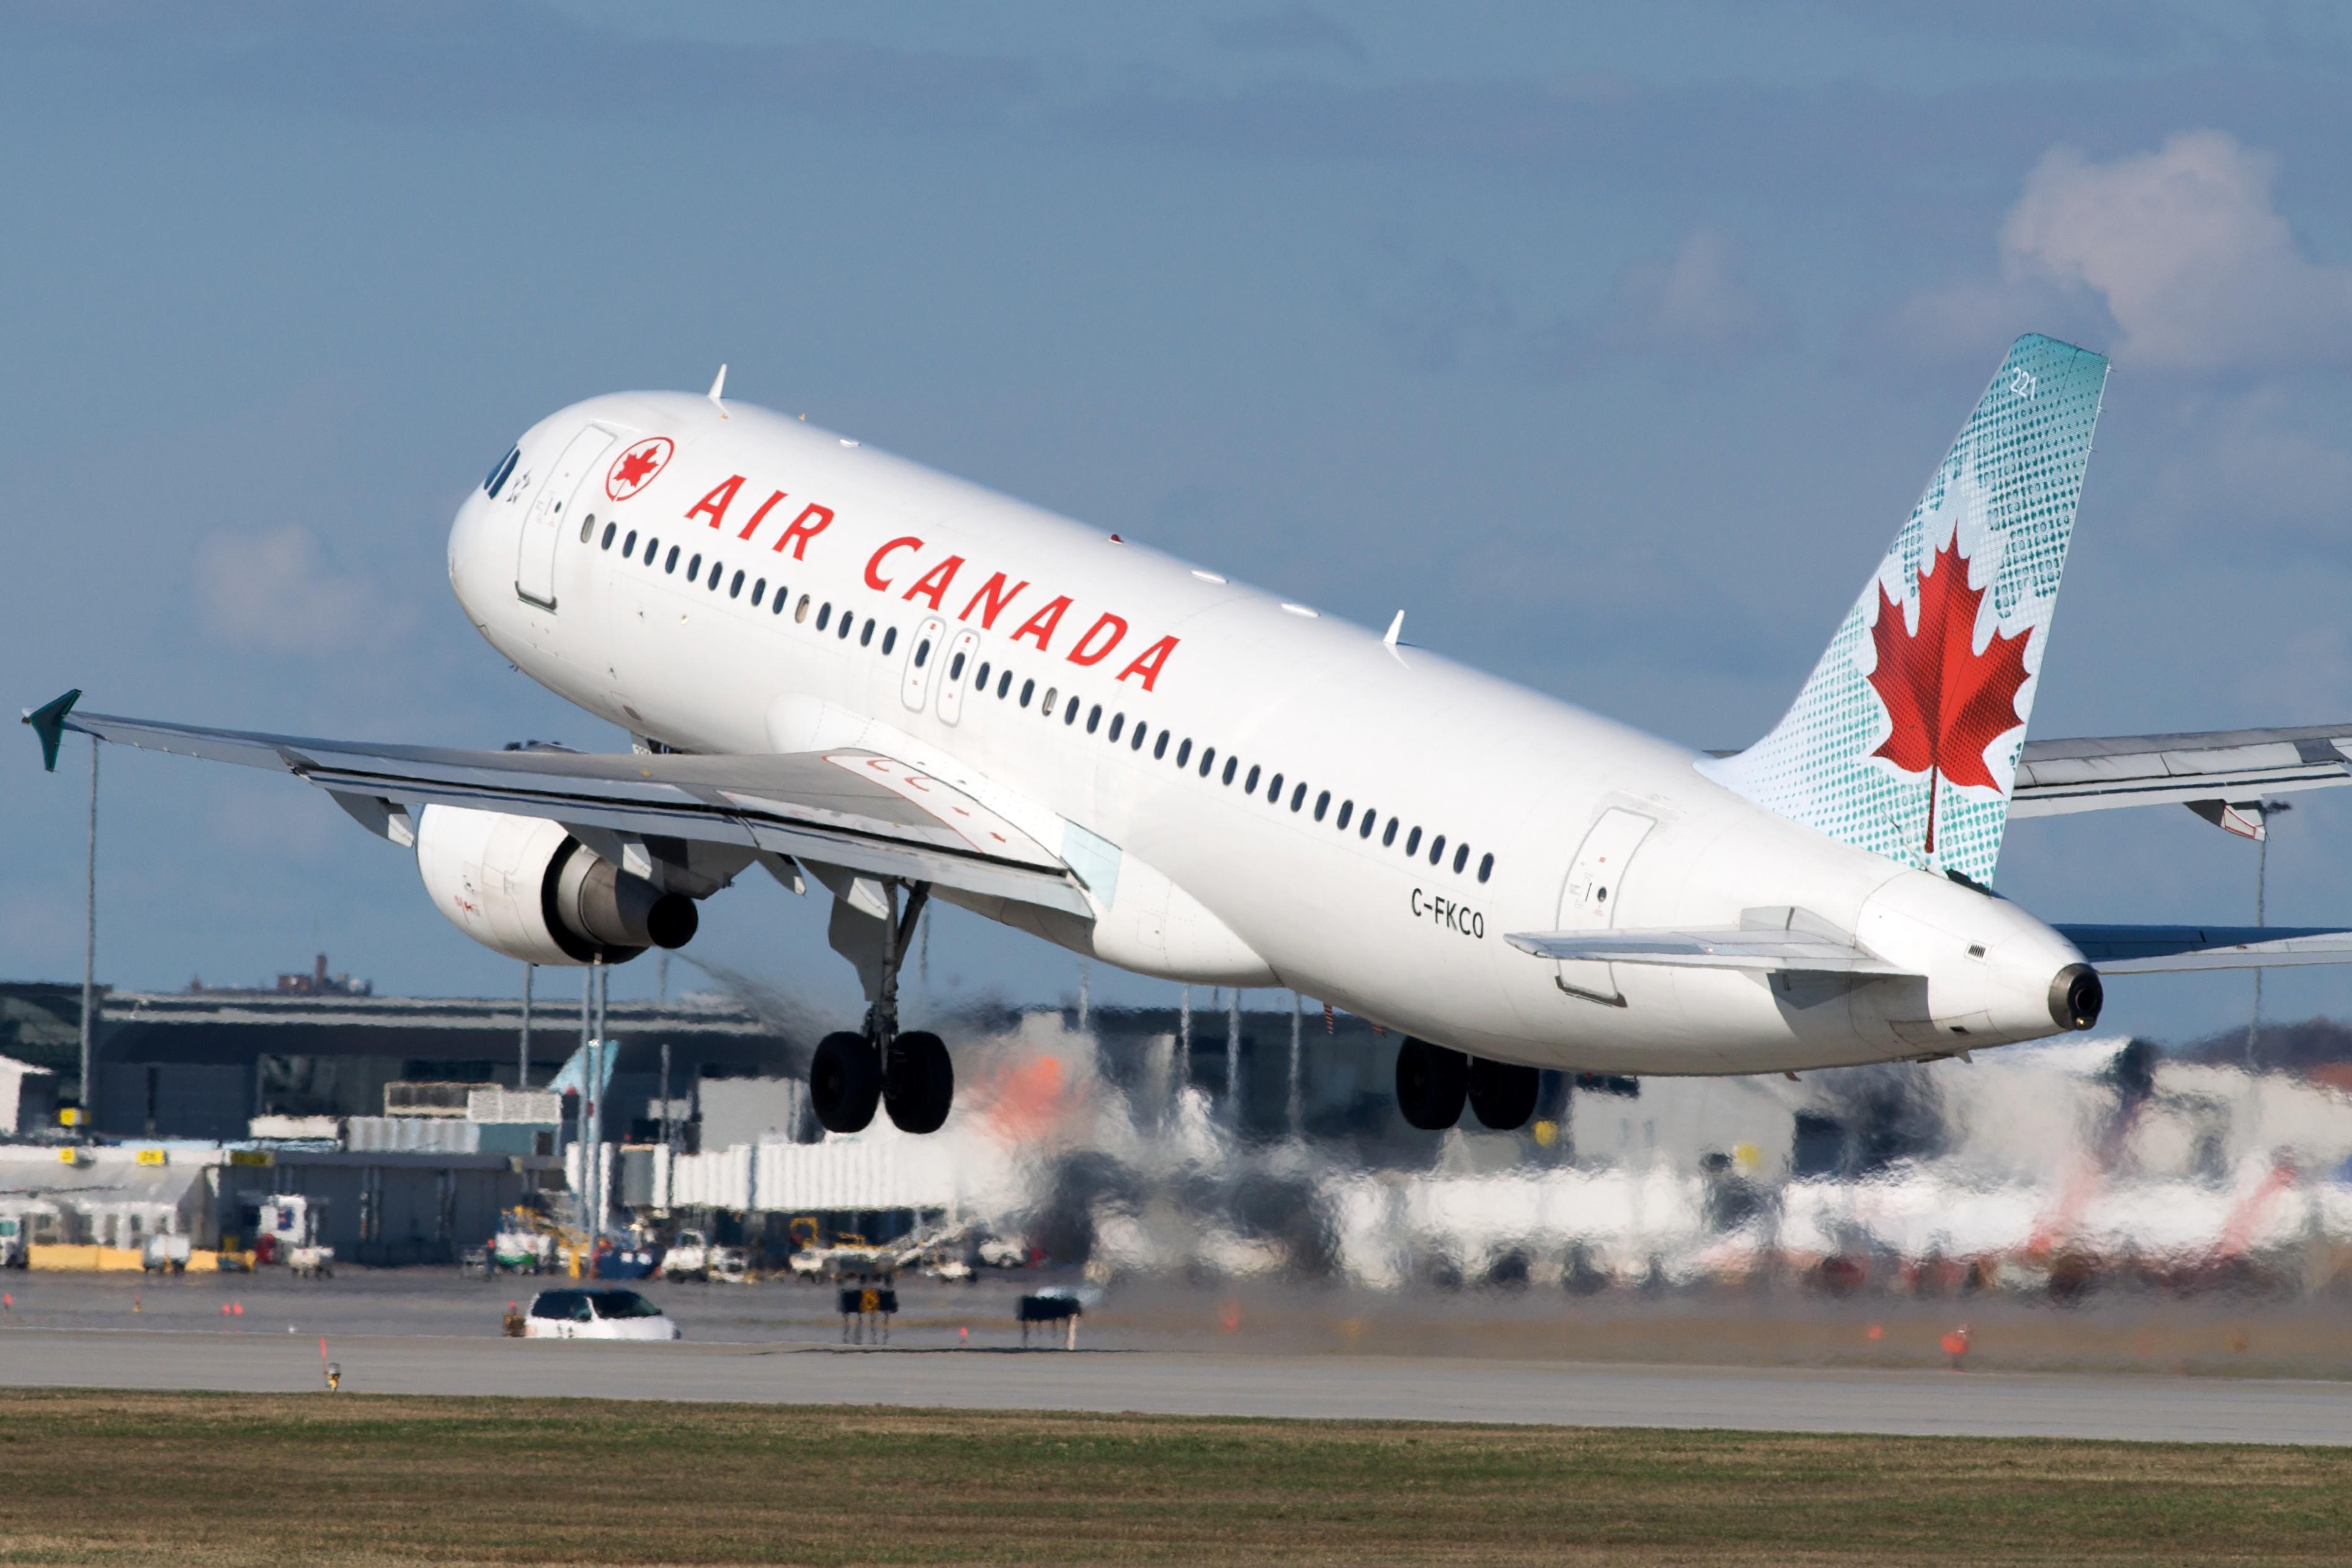 Самолету пришлось совершить экстренную посадку из-за пассажира, который захотел выйти вовремя полета